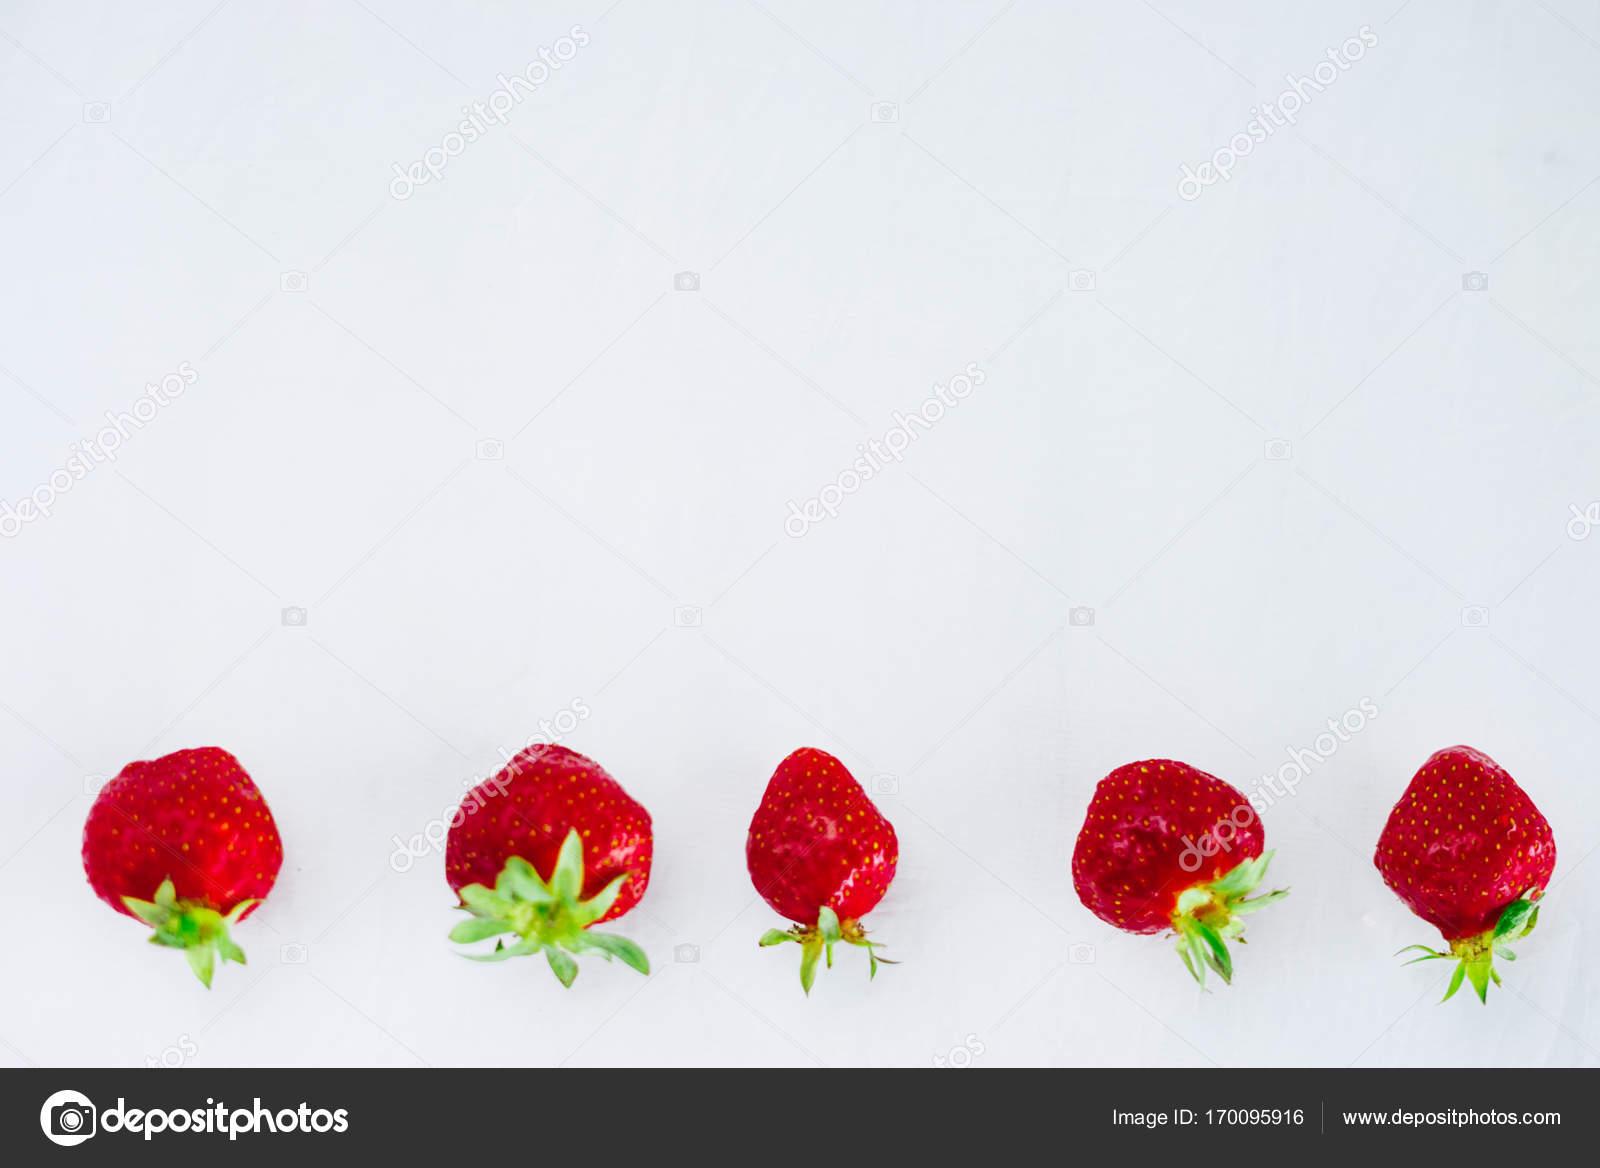 Frutas de fresas dieta saludable cruda fresca en placa, aislado en ...